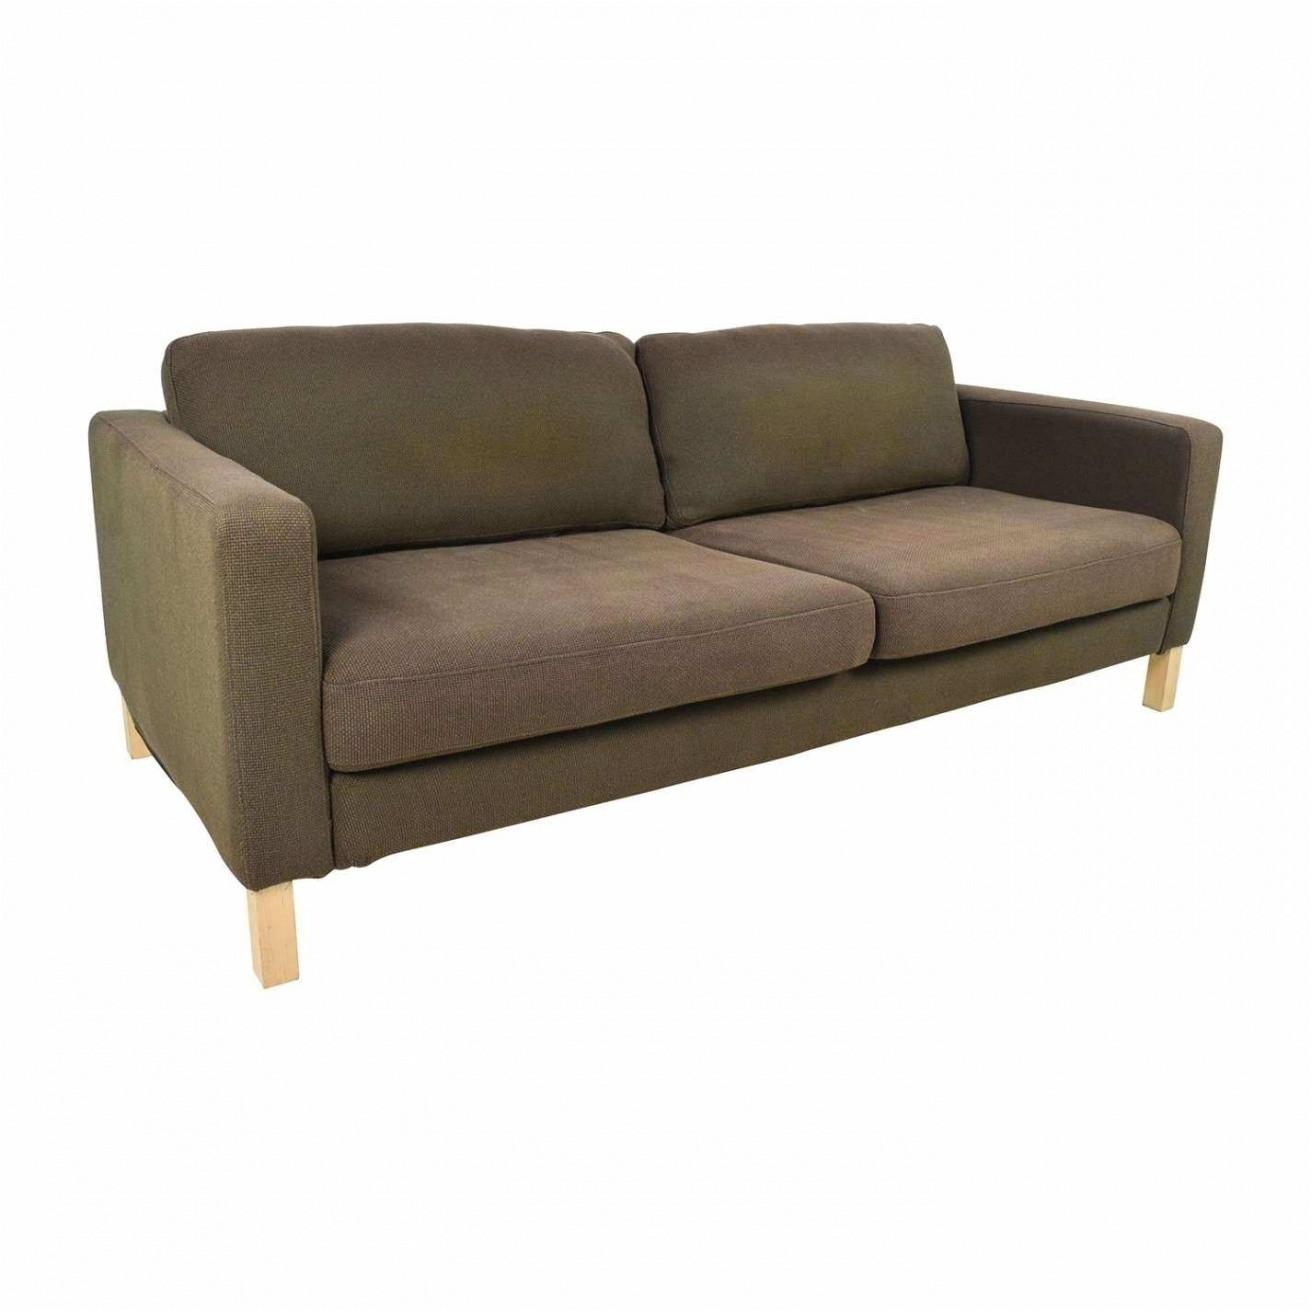 12 photos gallery of fundas de sofa